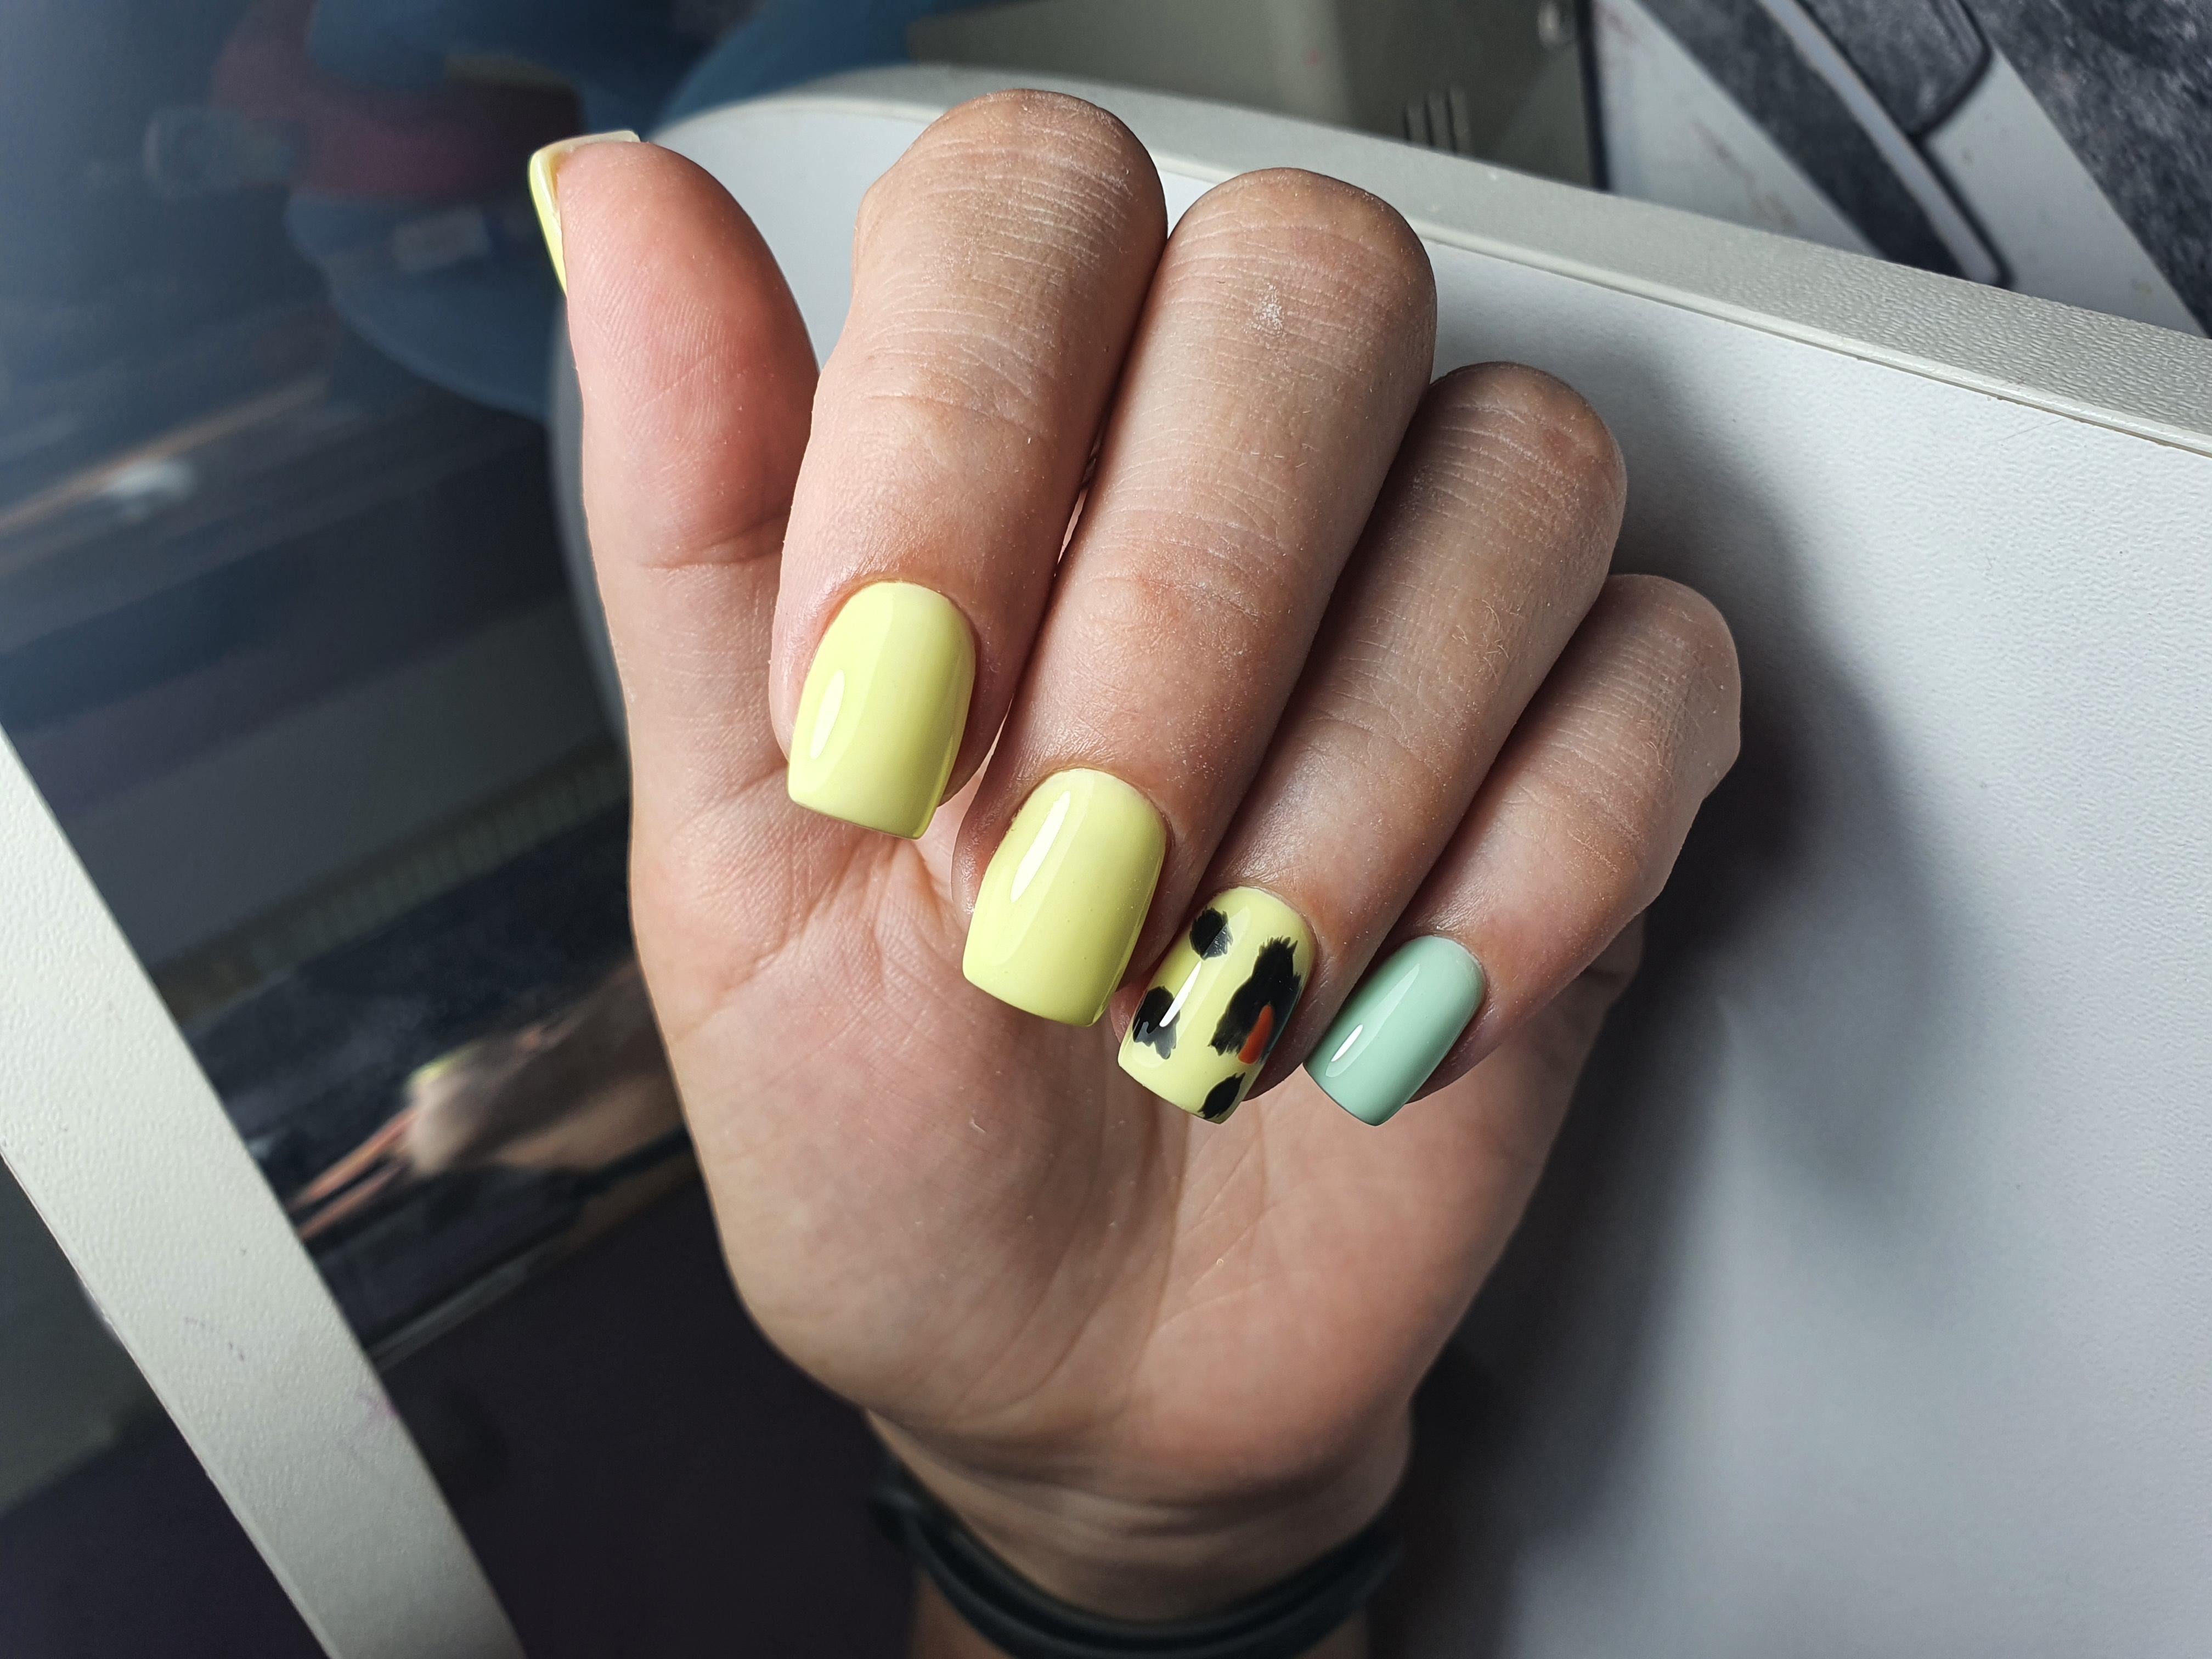 Маникюр с анималистичным принтом в желтом цвете на короткие ногти.